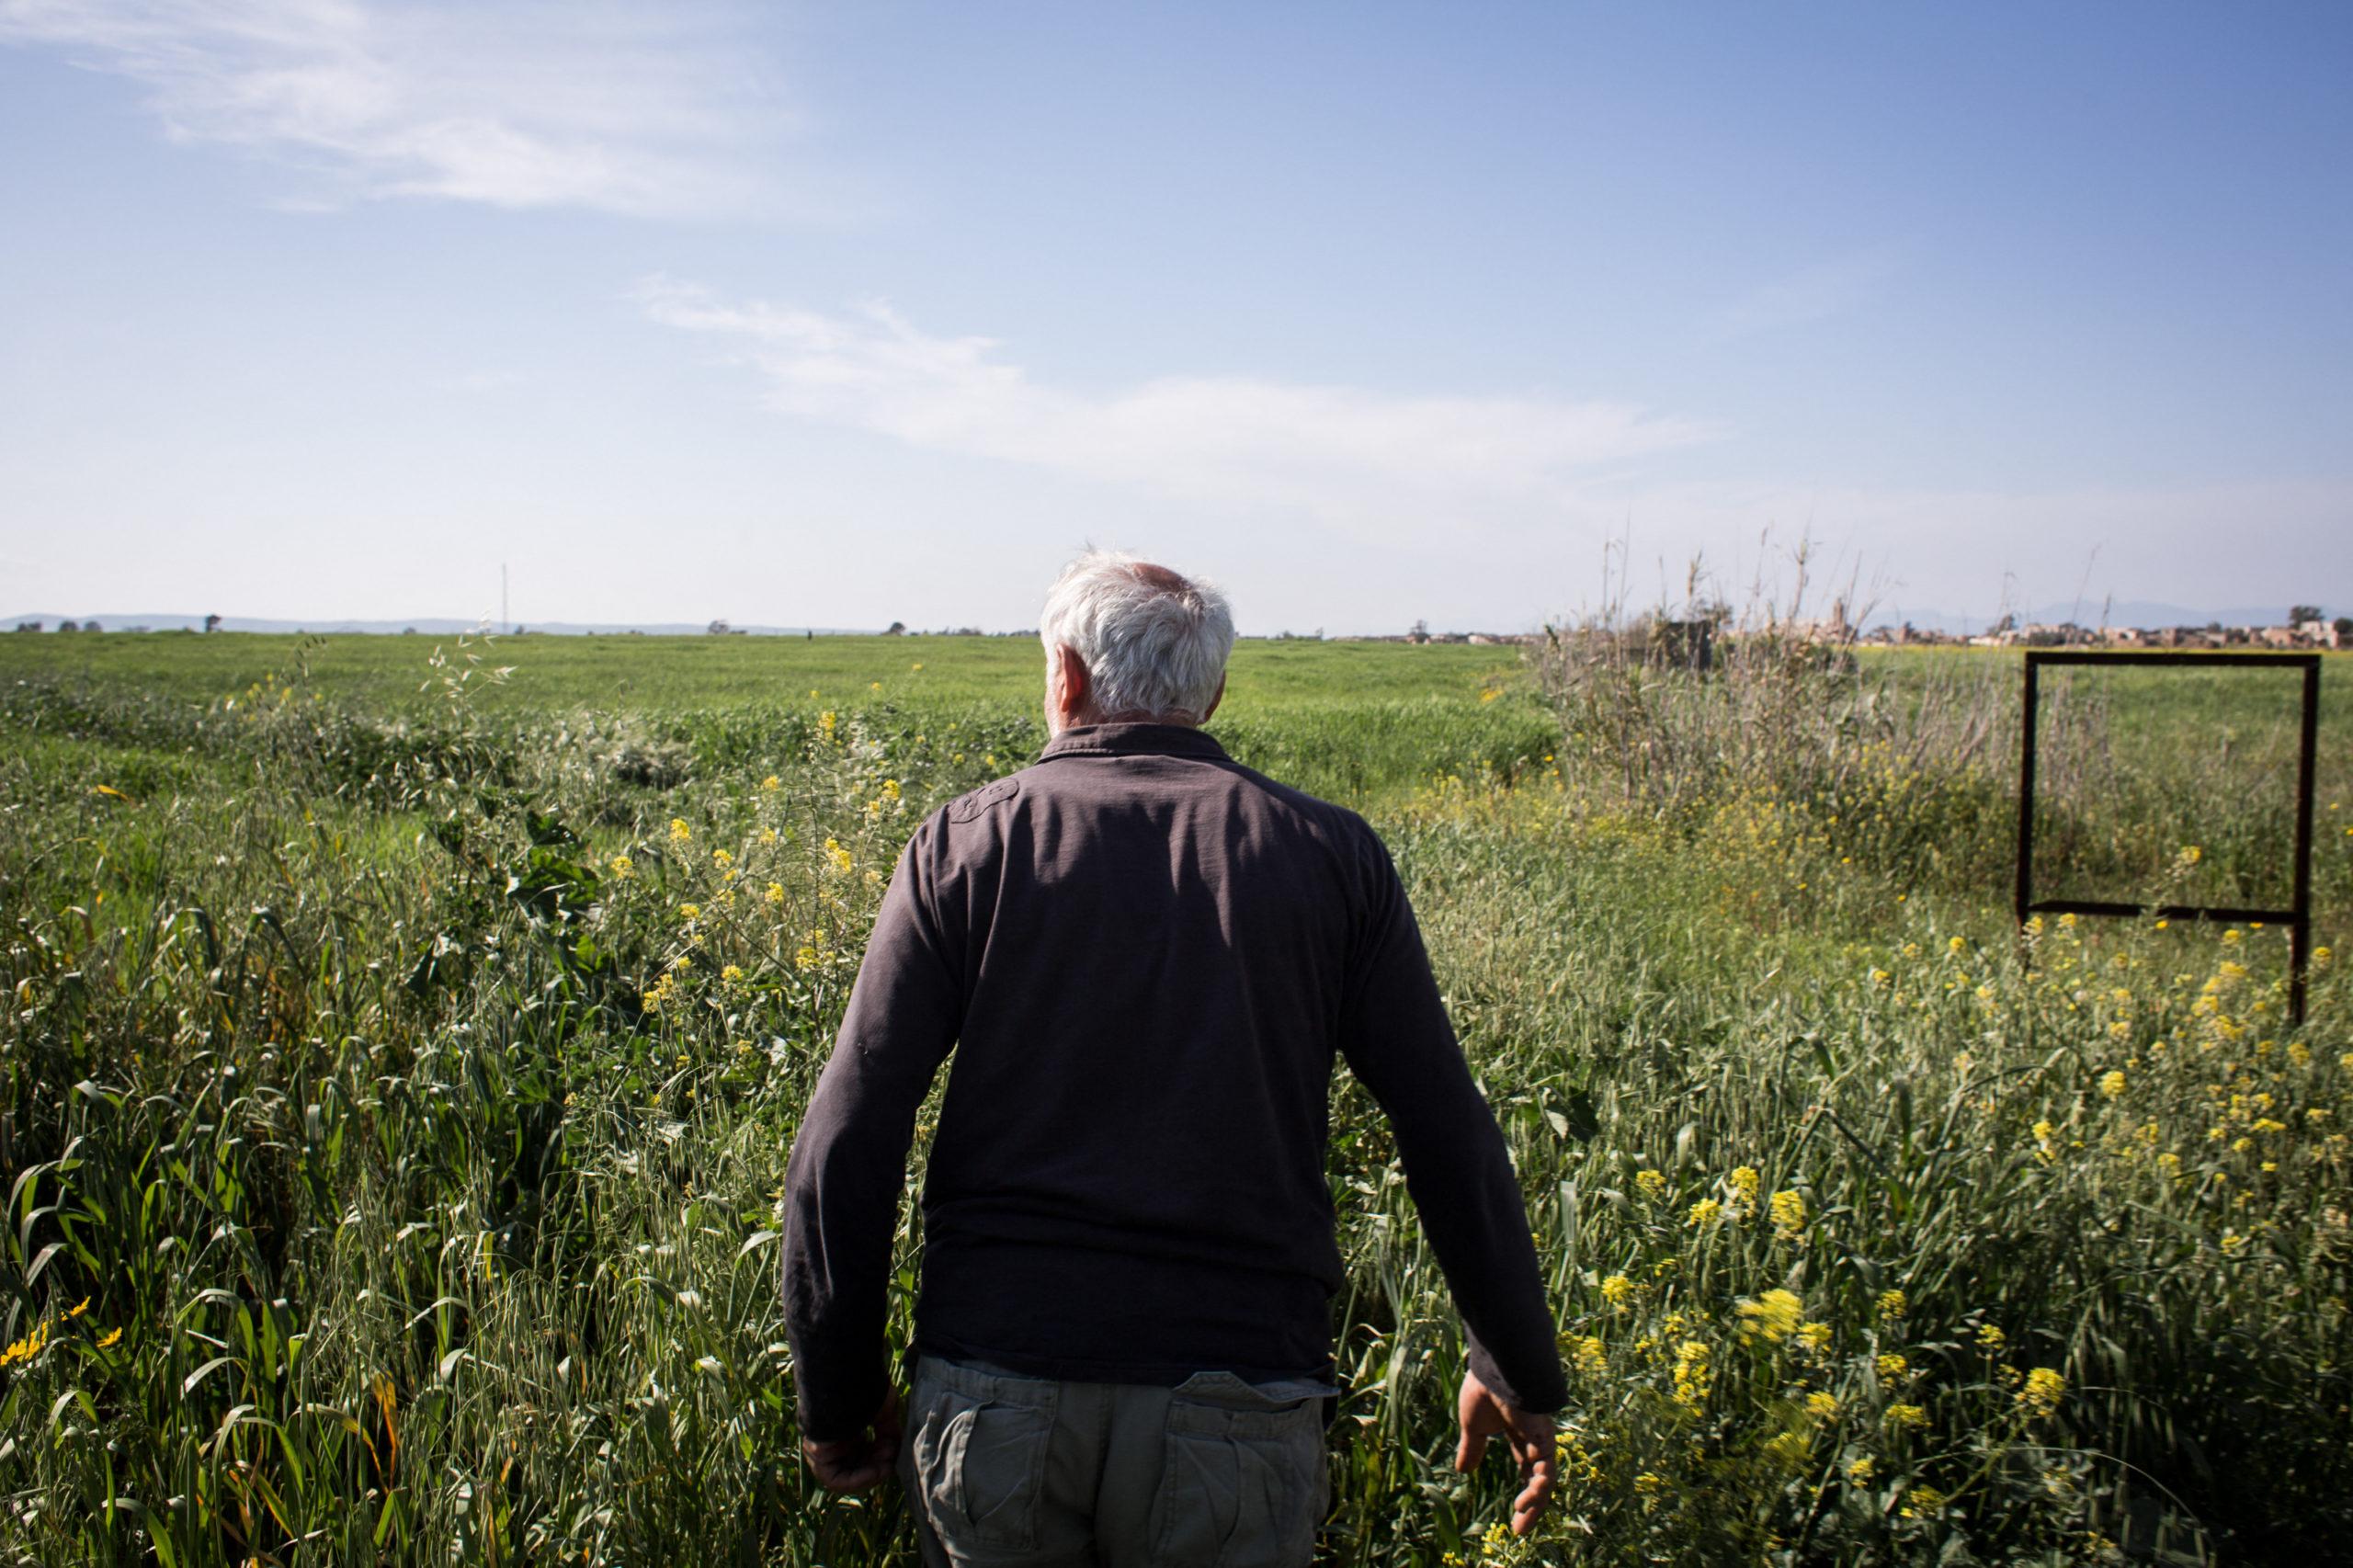 Bis 1974, als die Einwohner flohen, hatte die Stadt Achna 2000 Einwohner. Andreas beschloss, wieder hierher zu ziehen und inmitten seiner Obstbäume und seiner Felder zu leben, auch wenn die Grenze mitten hindurch verläuft.